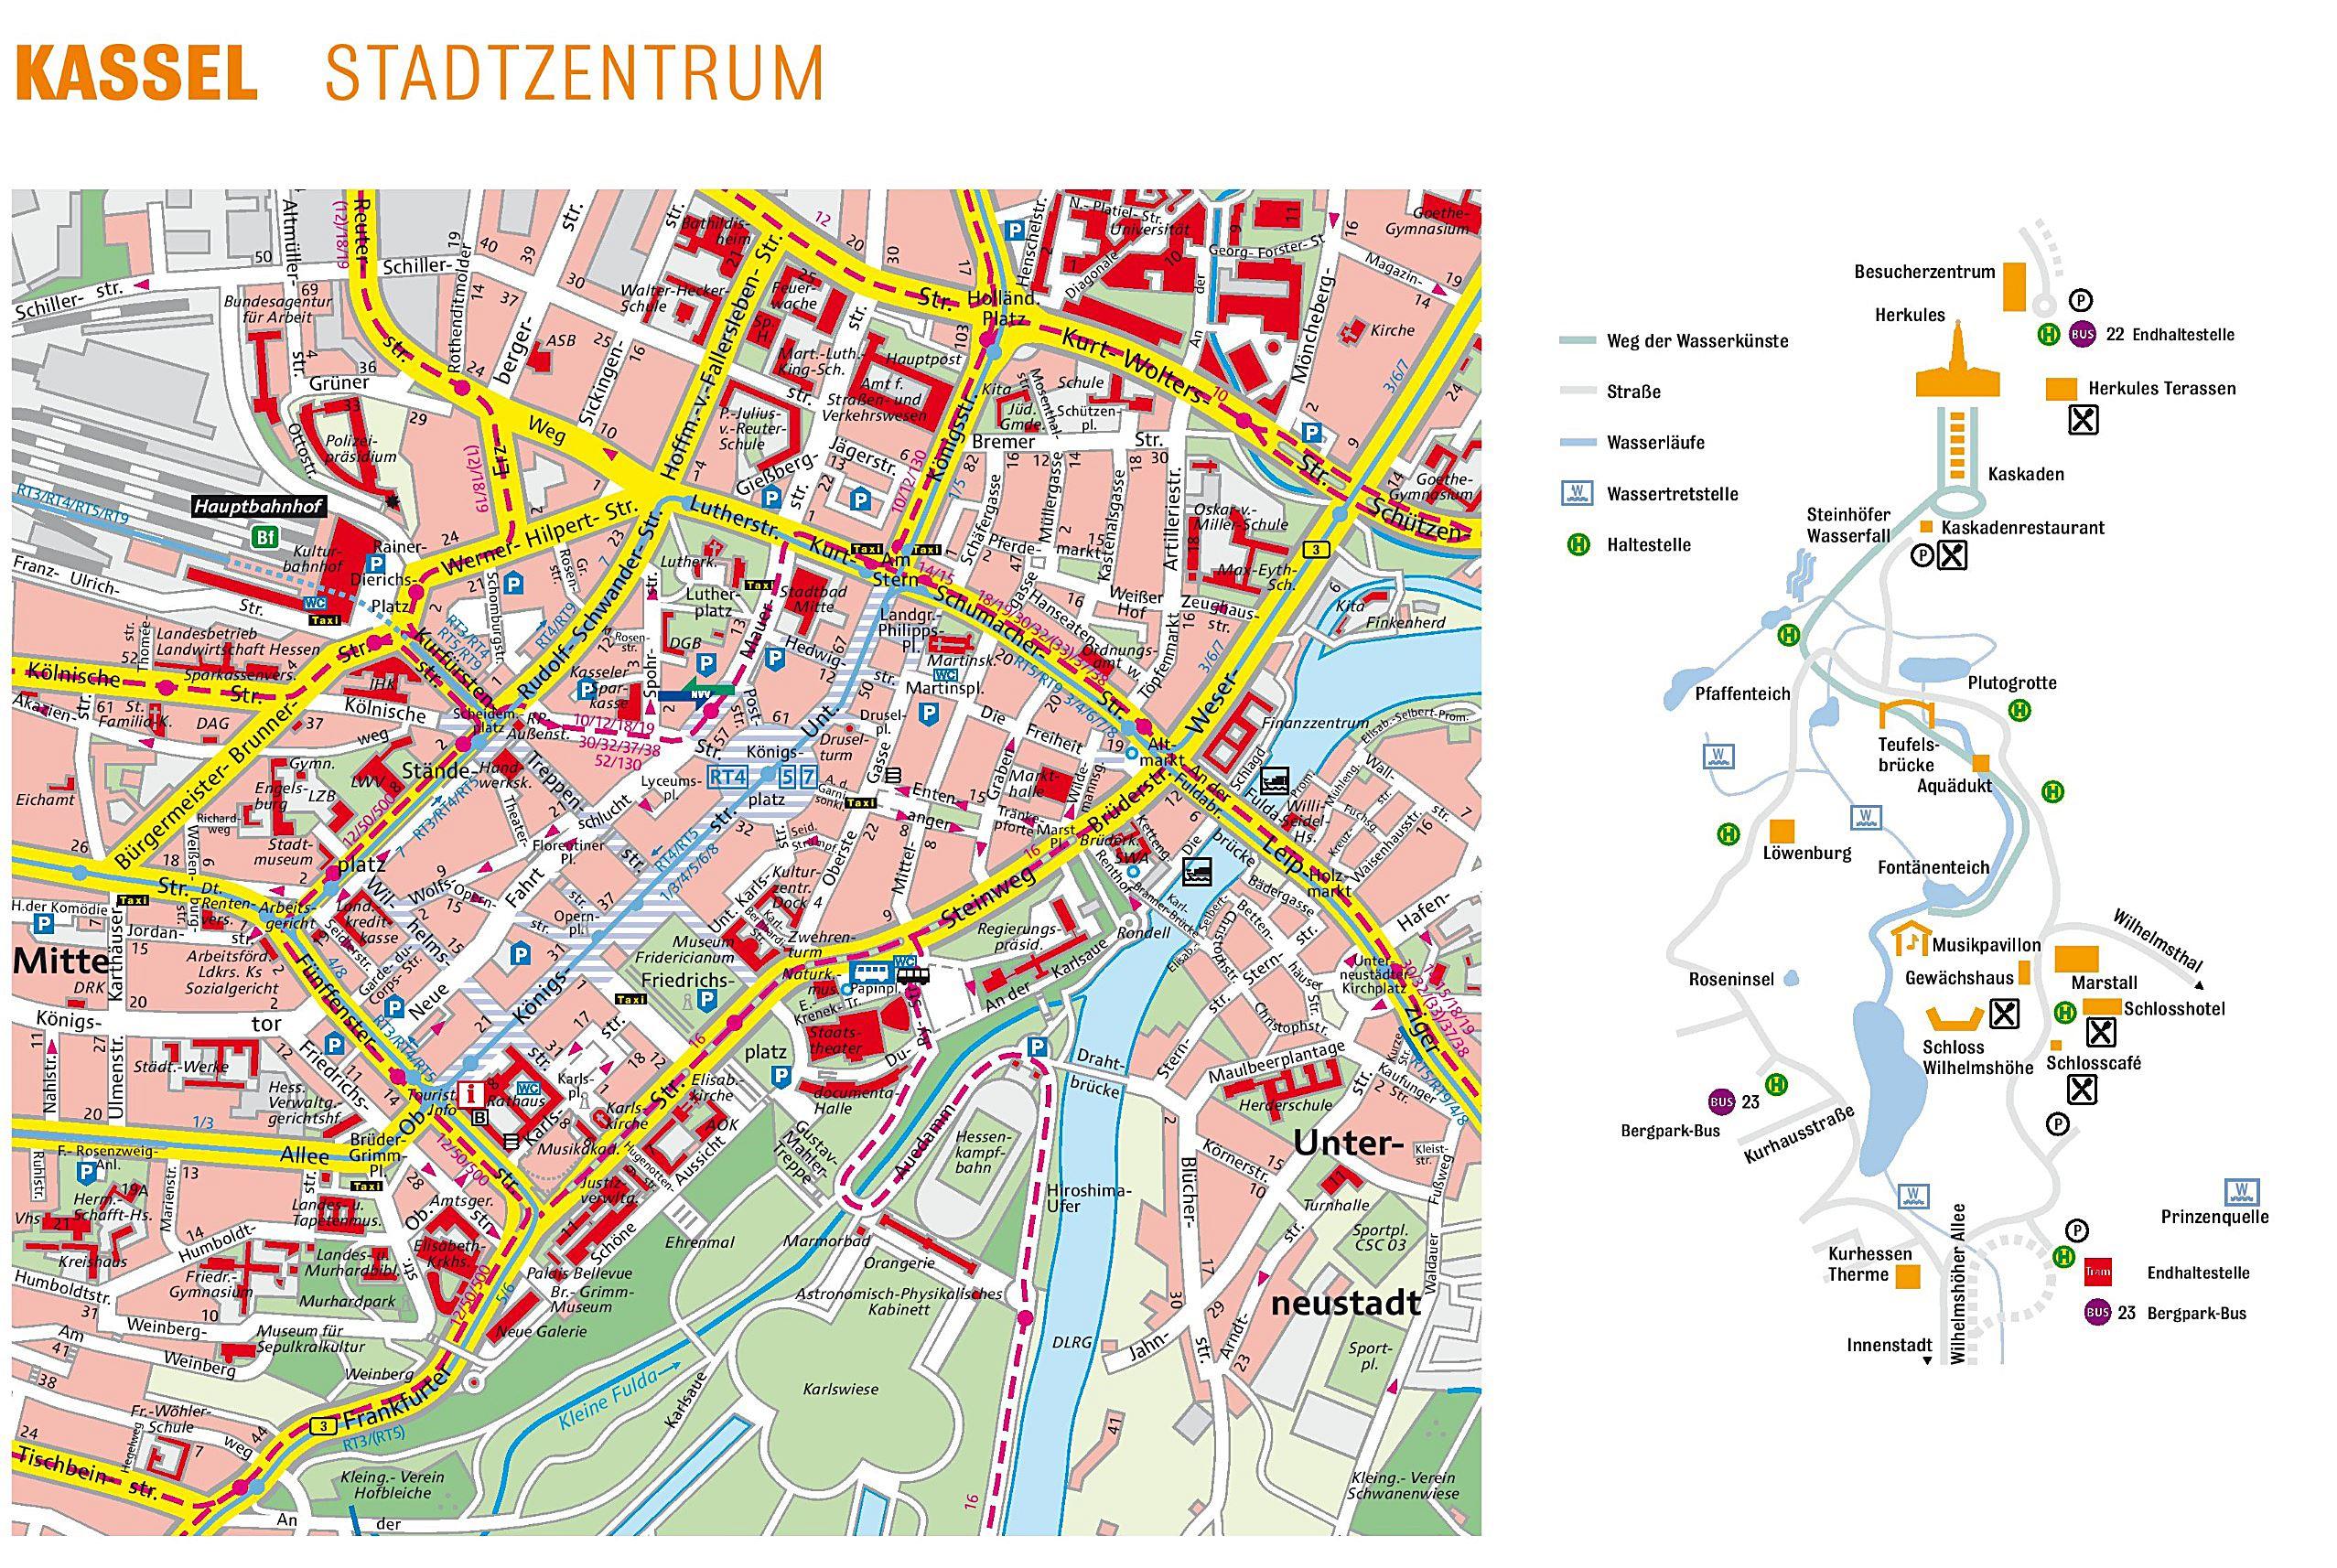 Karte Kassel Und Umgebung.Stadtplan Von Kassel Detaillierte Gedruckte Karten Von Kassel